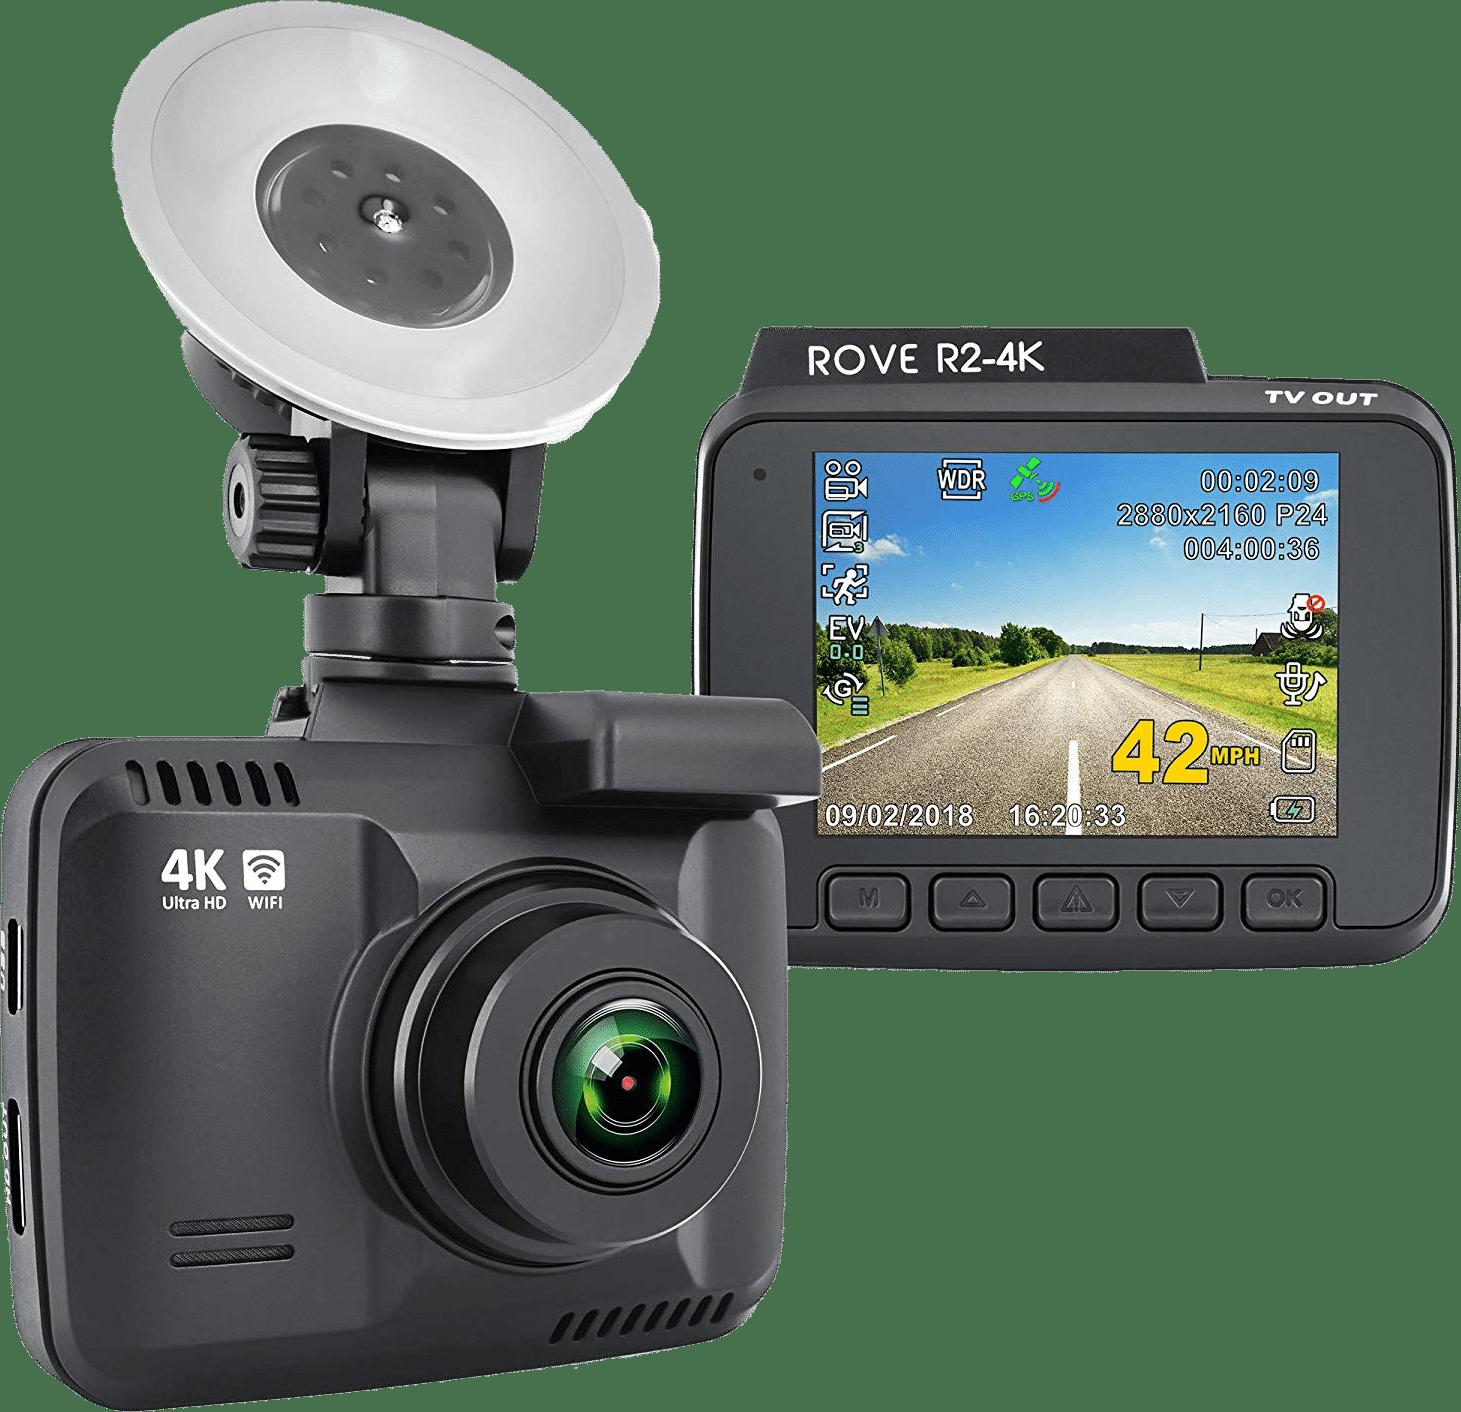 Rove R2-4K Dash Cam